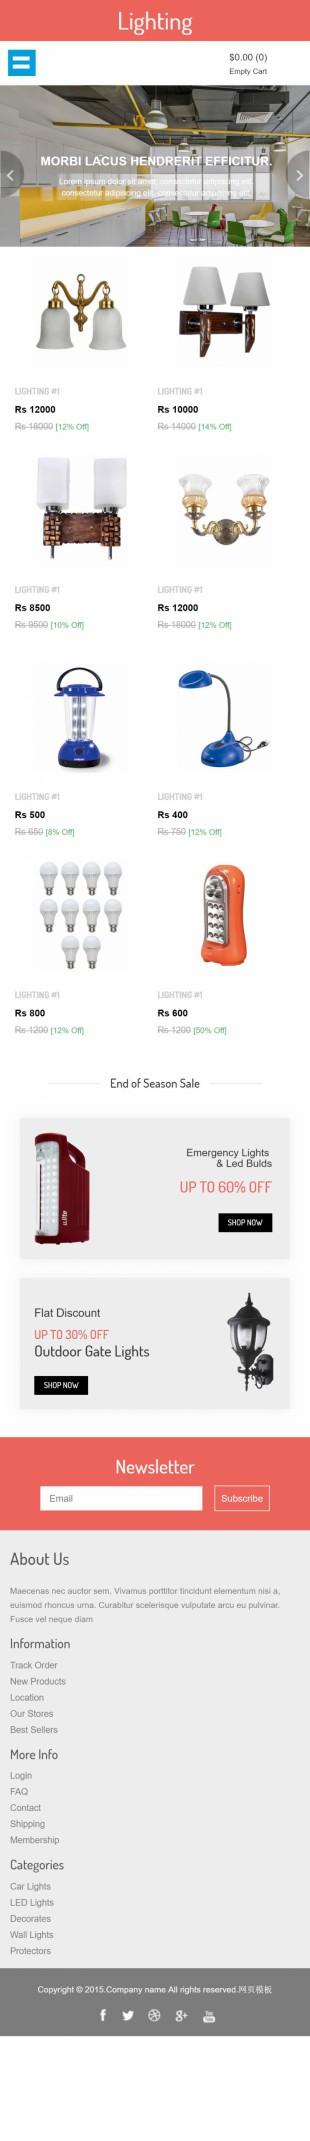 灯饰在线商城购物英文网站模板制作手机图片